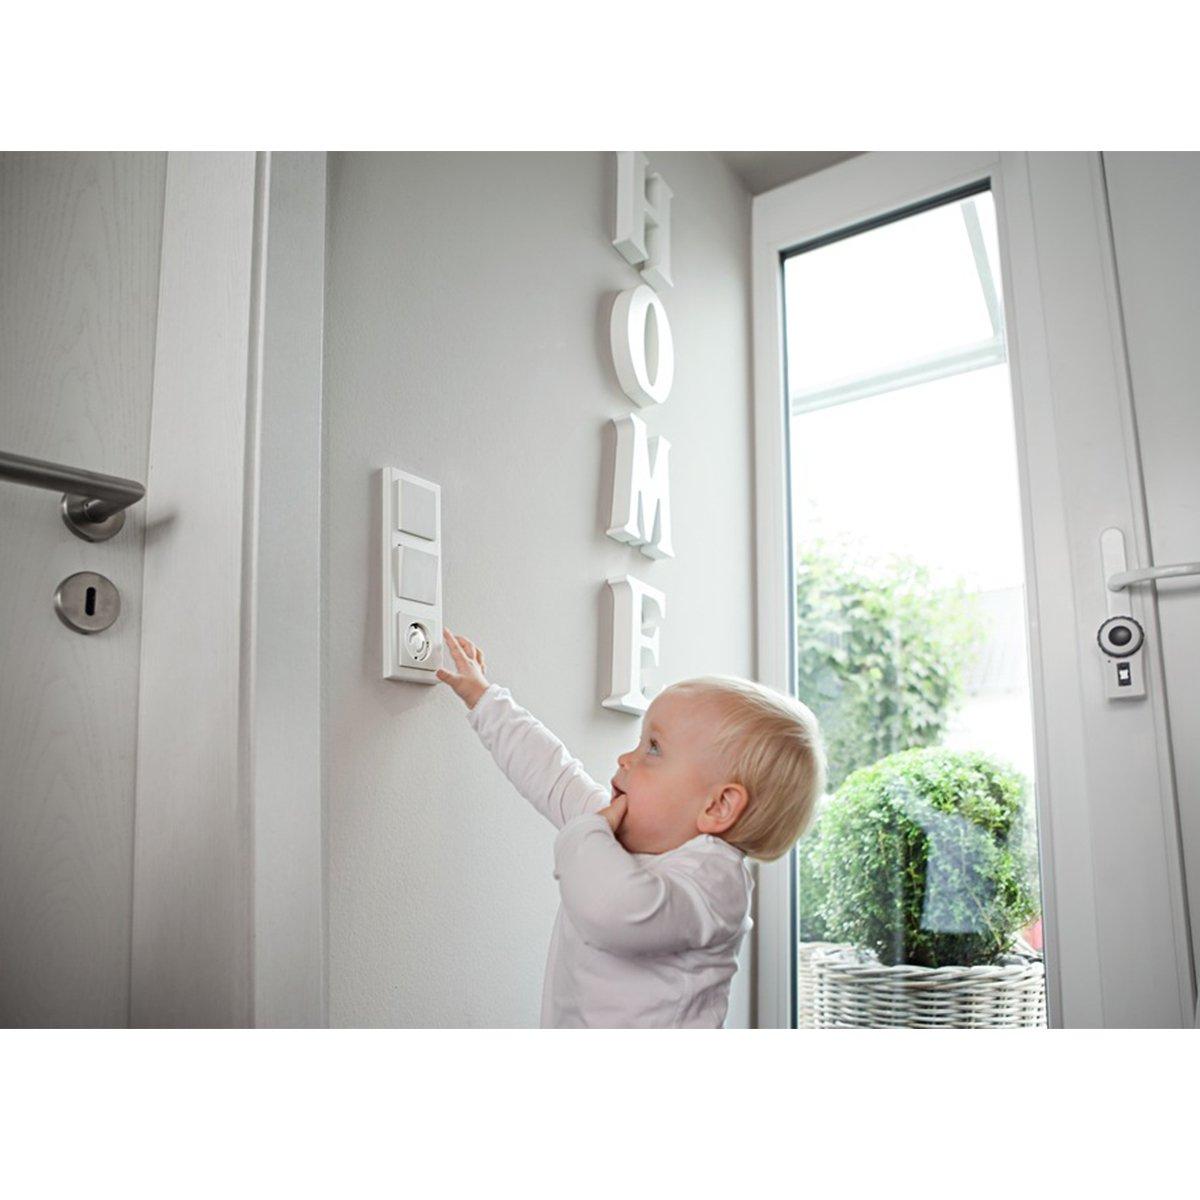 Steckdosensicherung f/ür Baby und Kinder Steckdosenschutz zum Kleben 20x Kindersicherung f/ür Steckdose mit Drehmechanik Future Founder